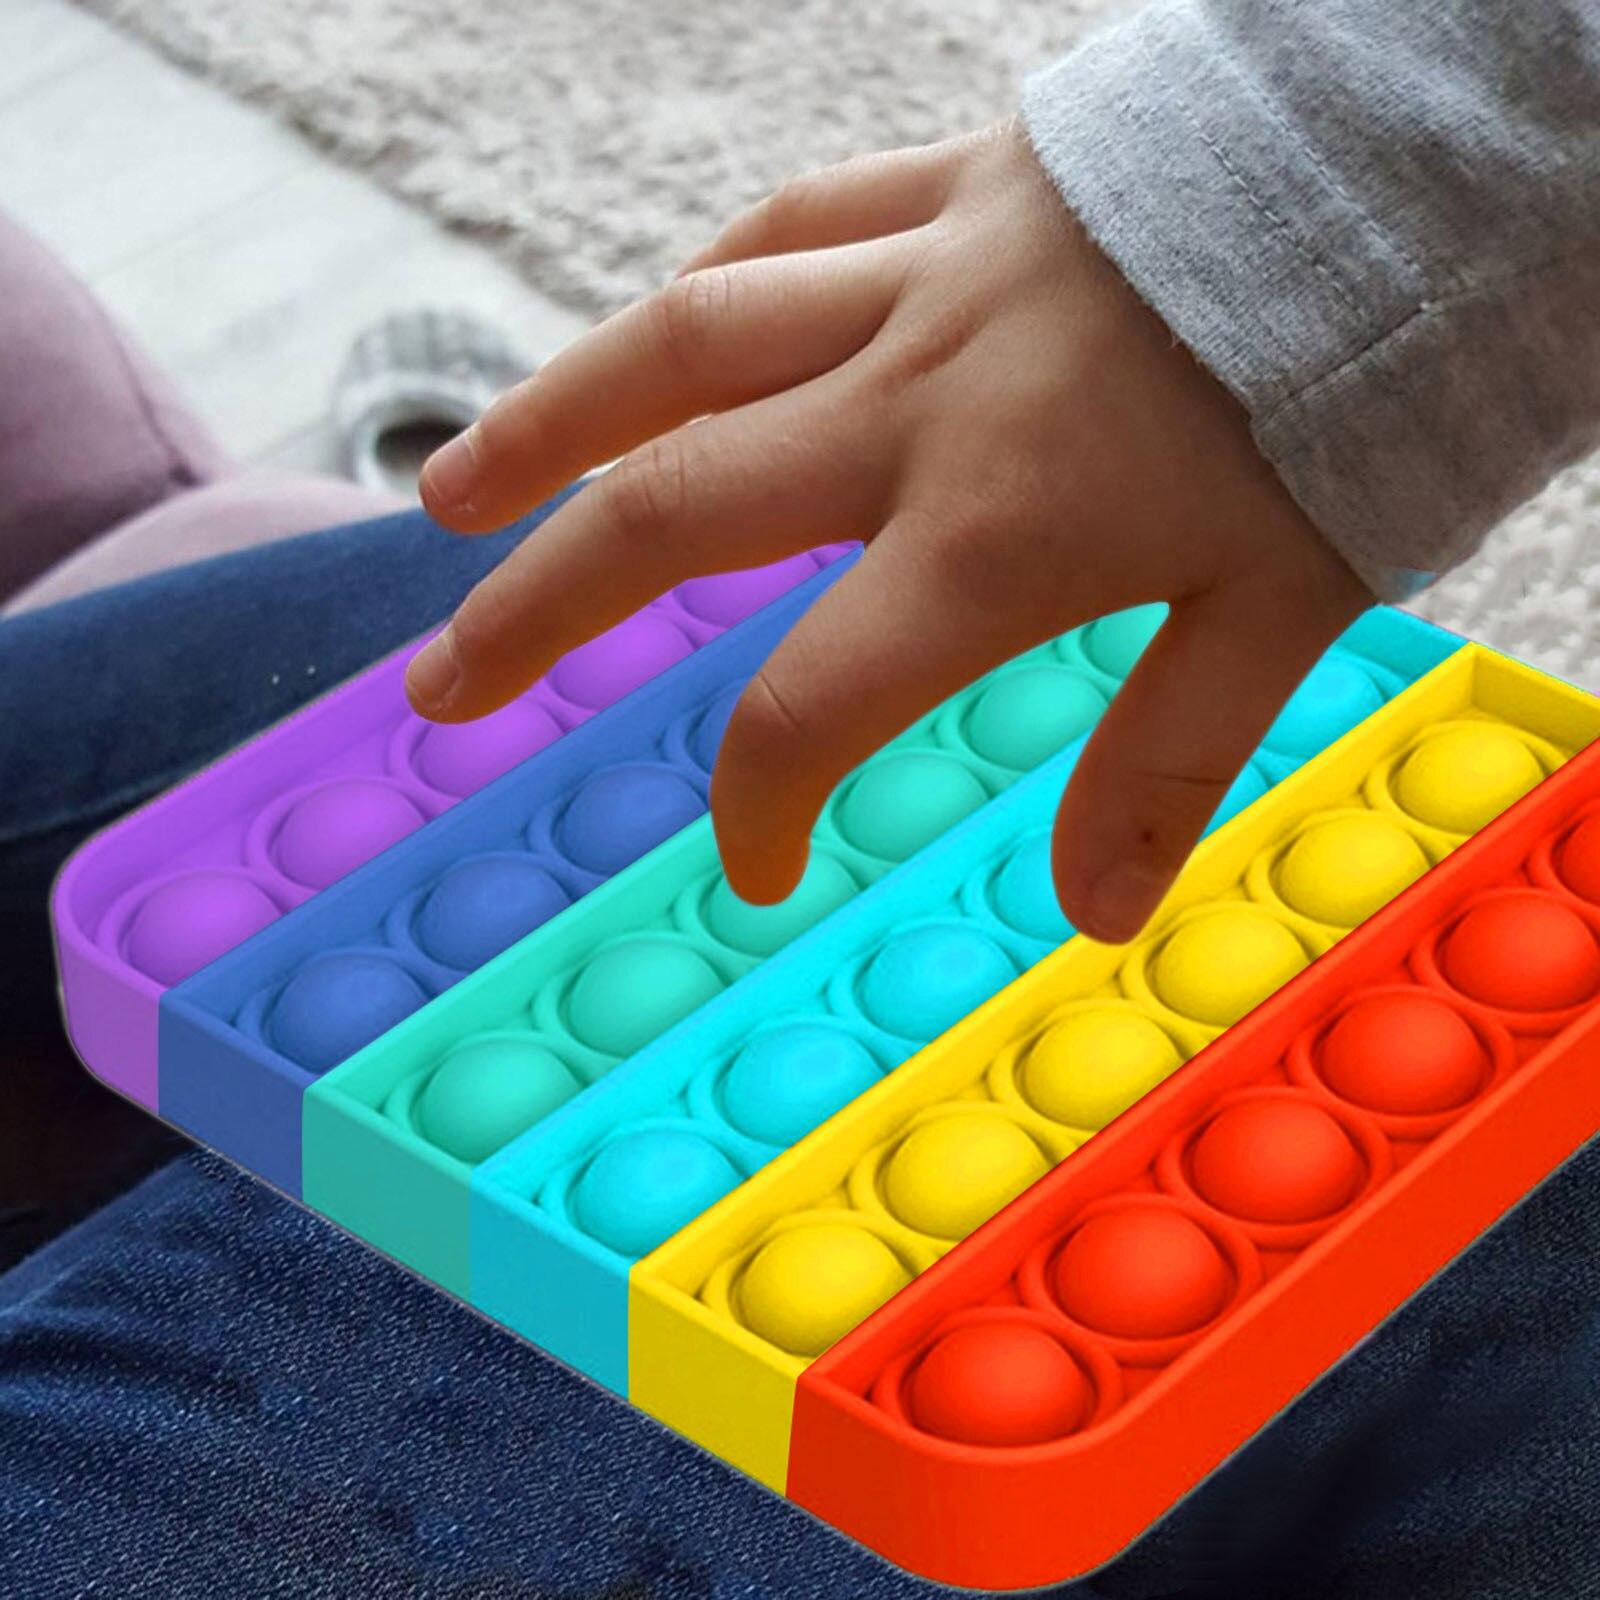 Fitget игрушки вытолкнуть его игра одеяло «хвост русалки» для взрослых детей пуш-ап пузырь Непоседа сенсорные игрушка для аутистов особые пот...